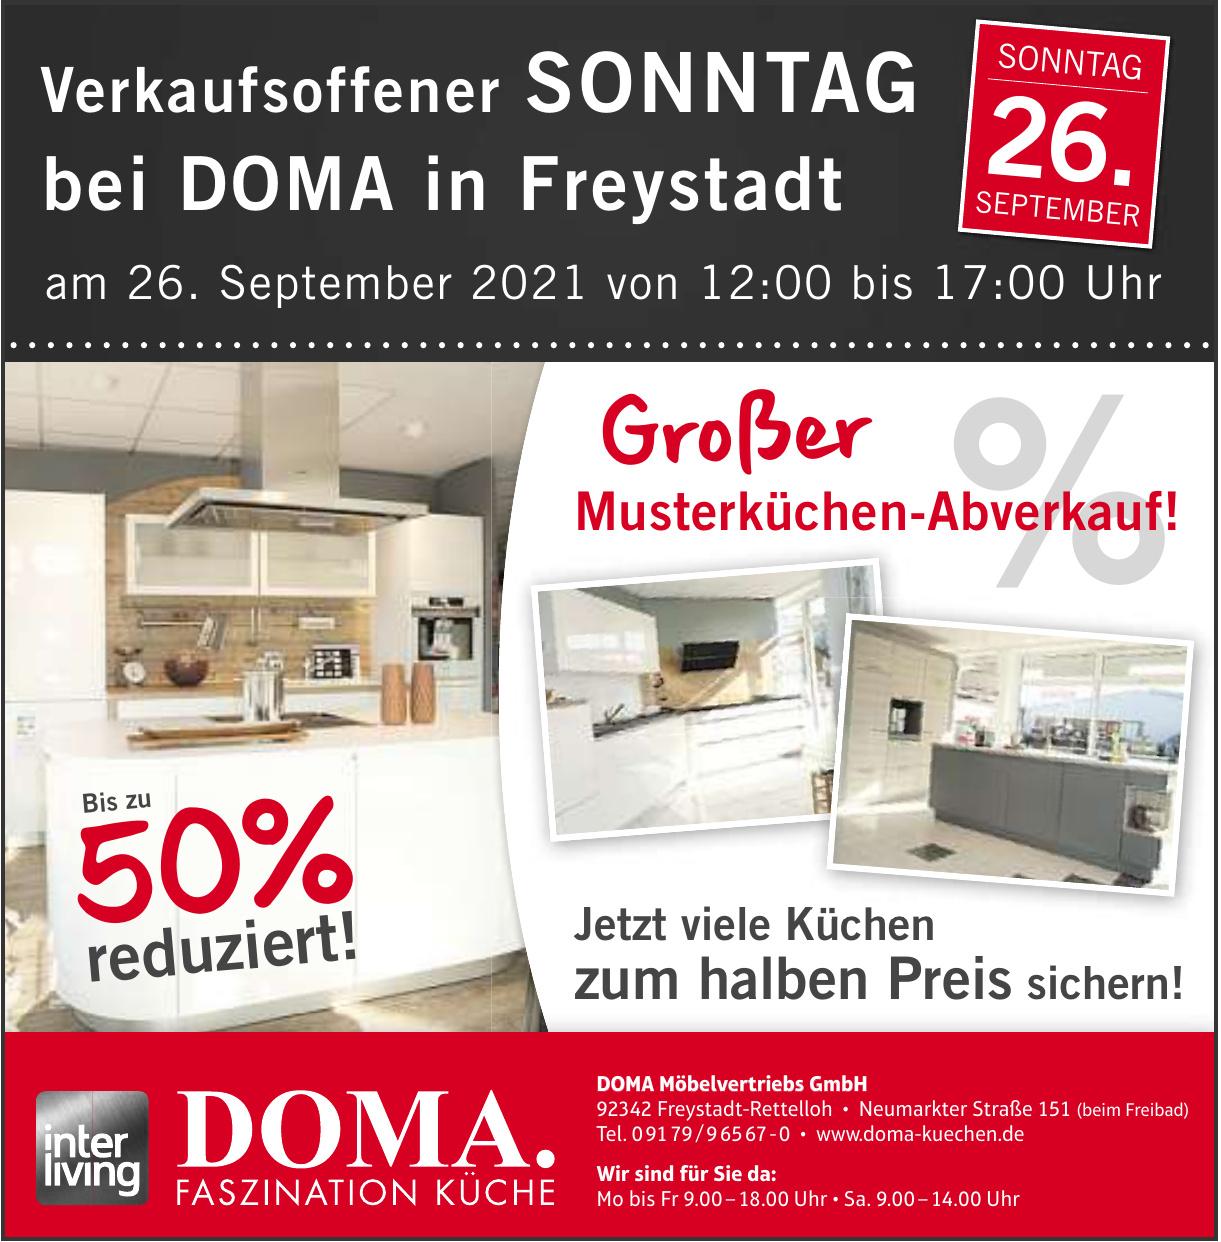 DOMA Möbelvertriebs GmbH